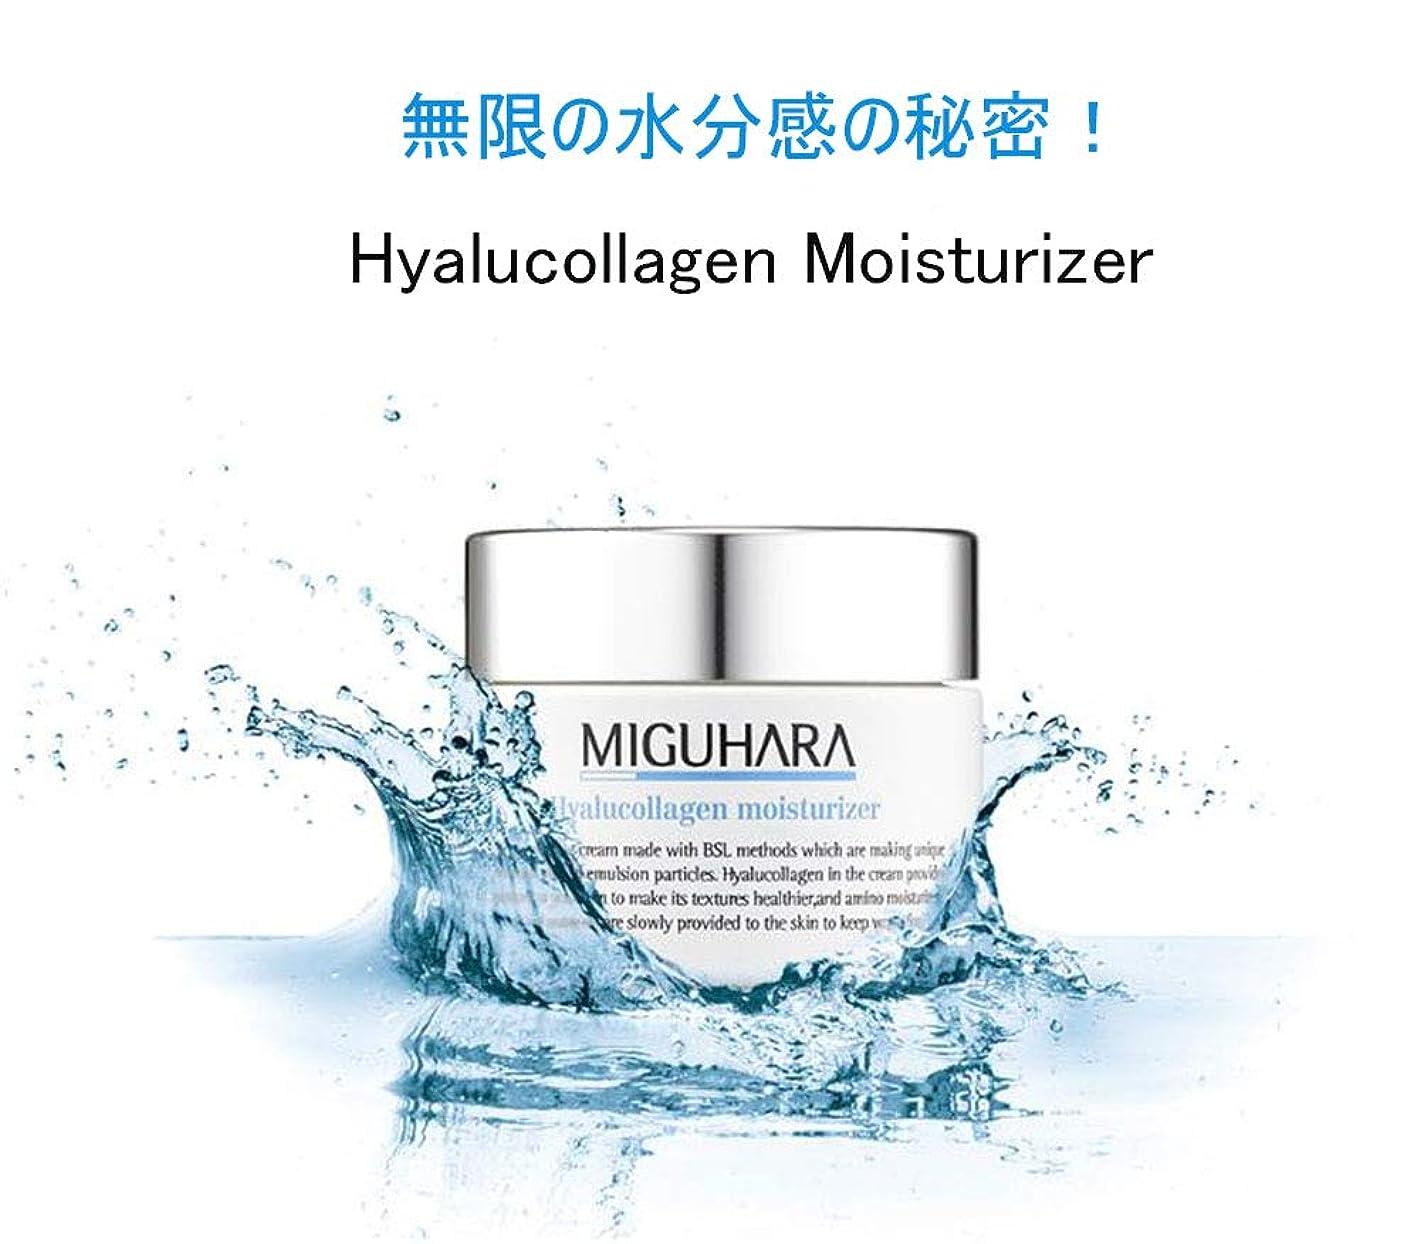 量アスペクト歌MIGUHARA Hyalucollagen Moisturizer 50ml / ヒアルロンコラーゲンモイスチャライザー 50ml